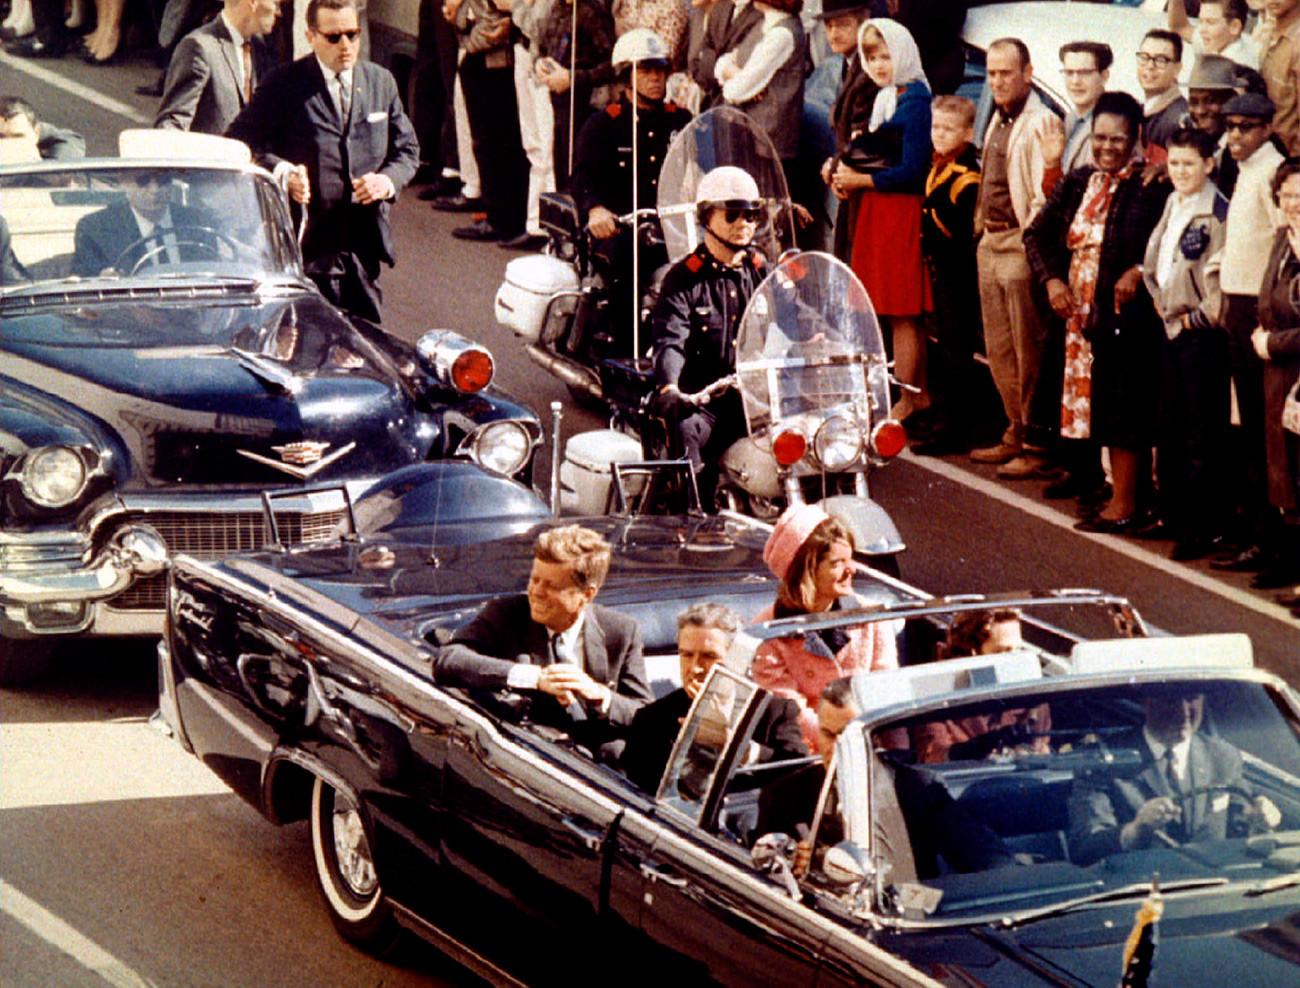 22 November, 1963.